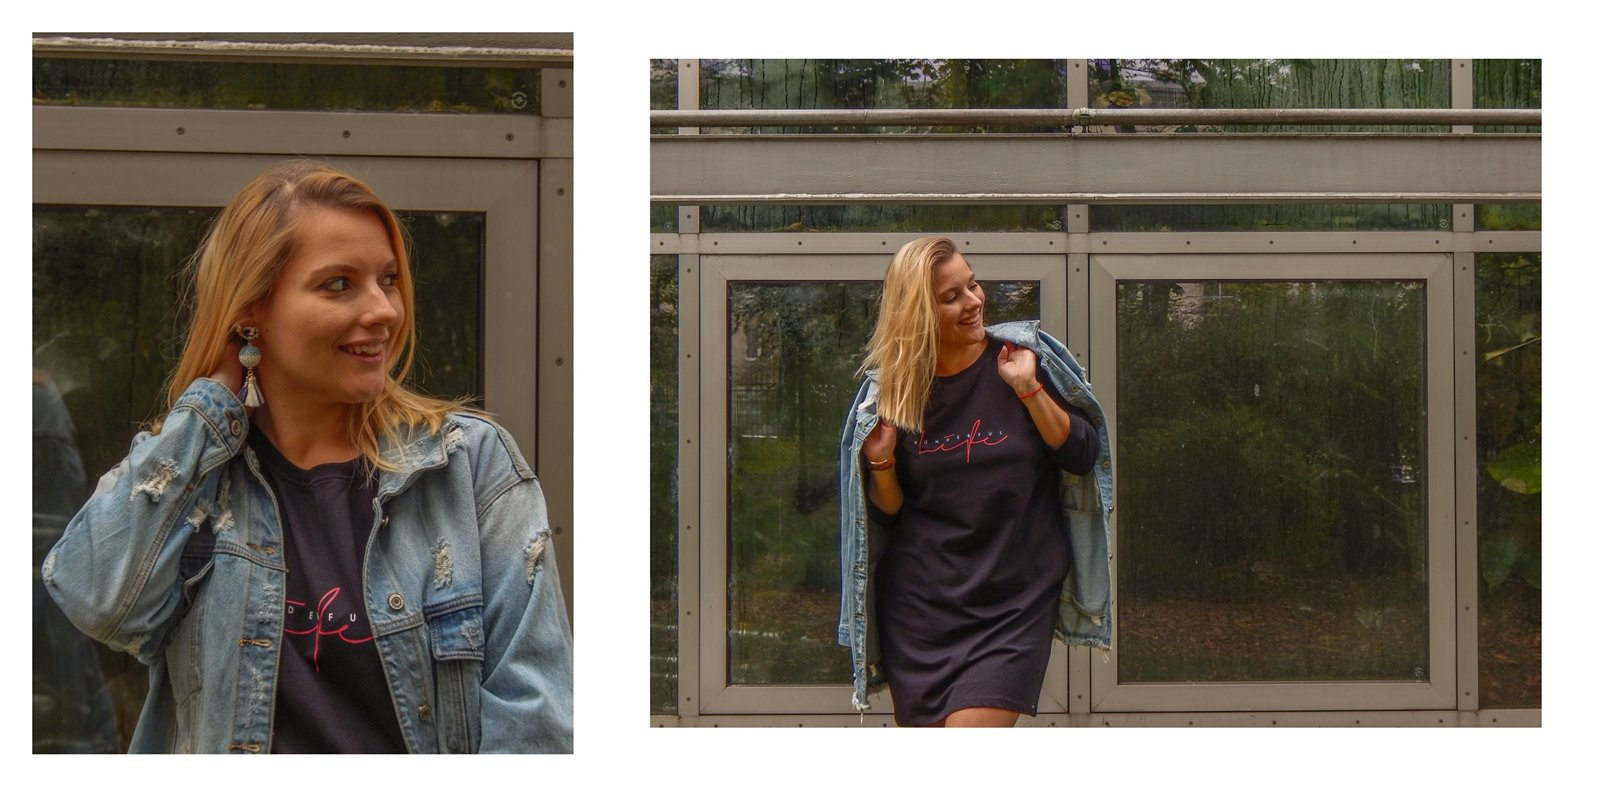 3A jak wybrać kurtkę jeansową najmodniejsze fasony kurtek sukienek płaszczy jak ubierać blondynkę stylizacje short blonde hair hairstyle melody łódź blog lifestyle fashion